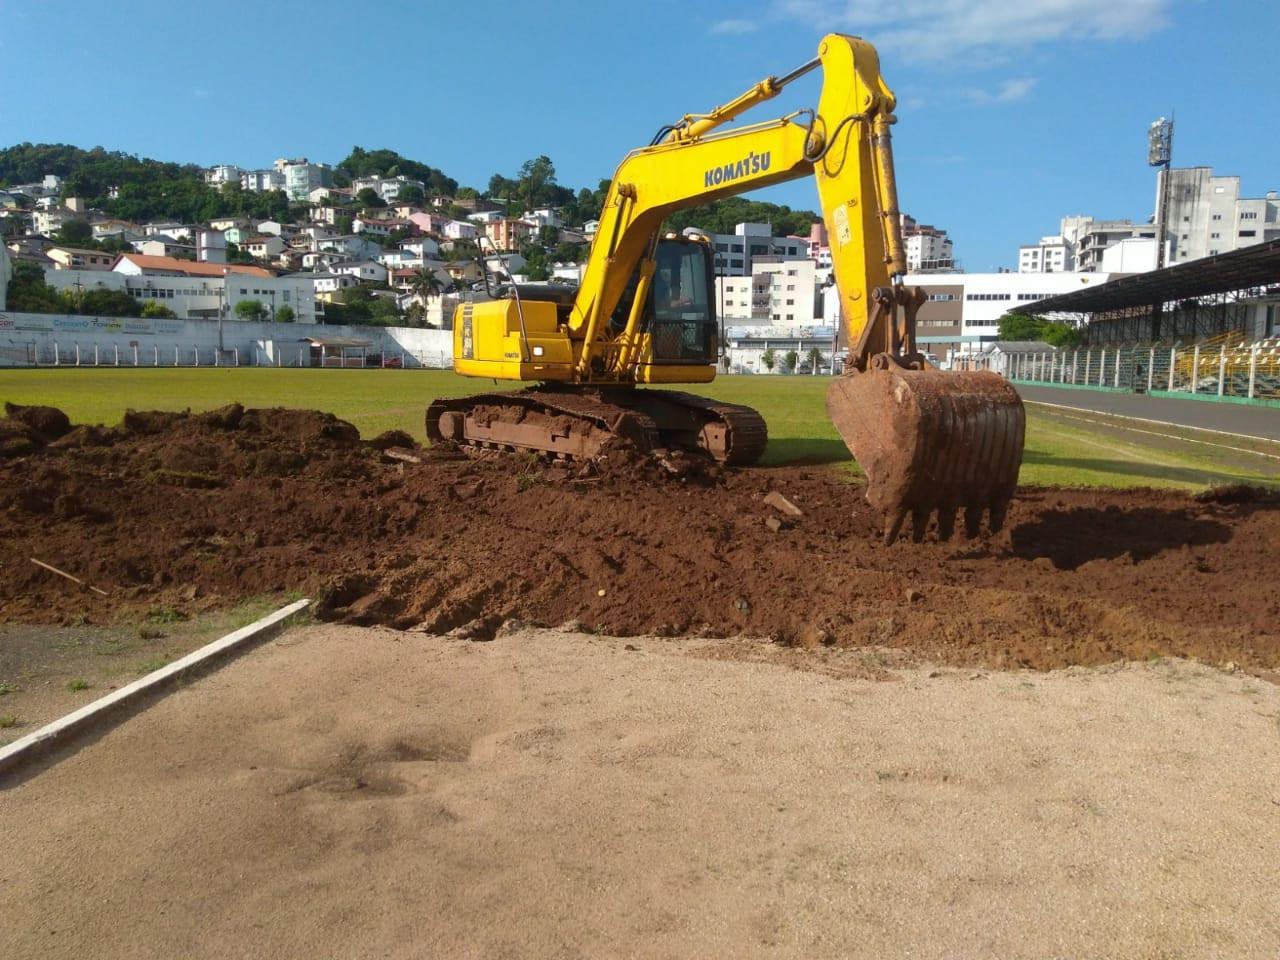 Inicia o trabalho de retirada do gramado do Estádio Domingos Machado de Lima